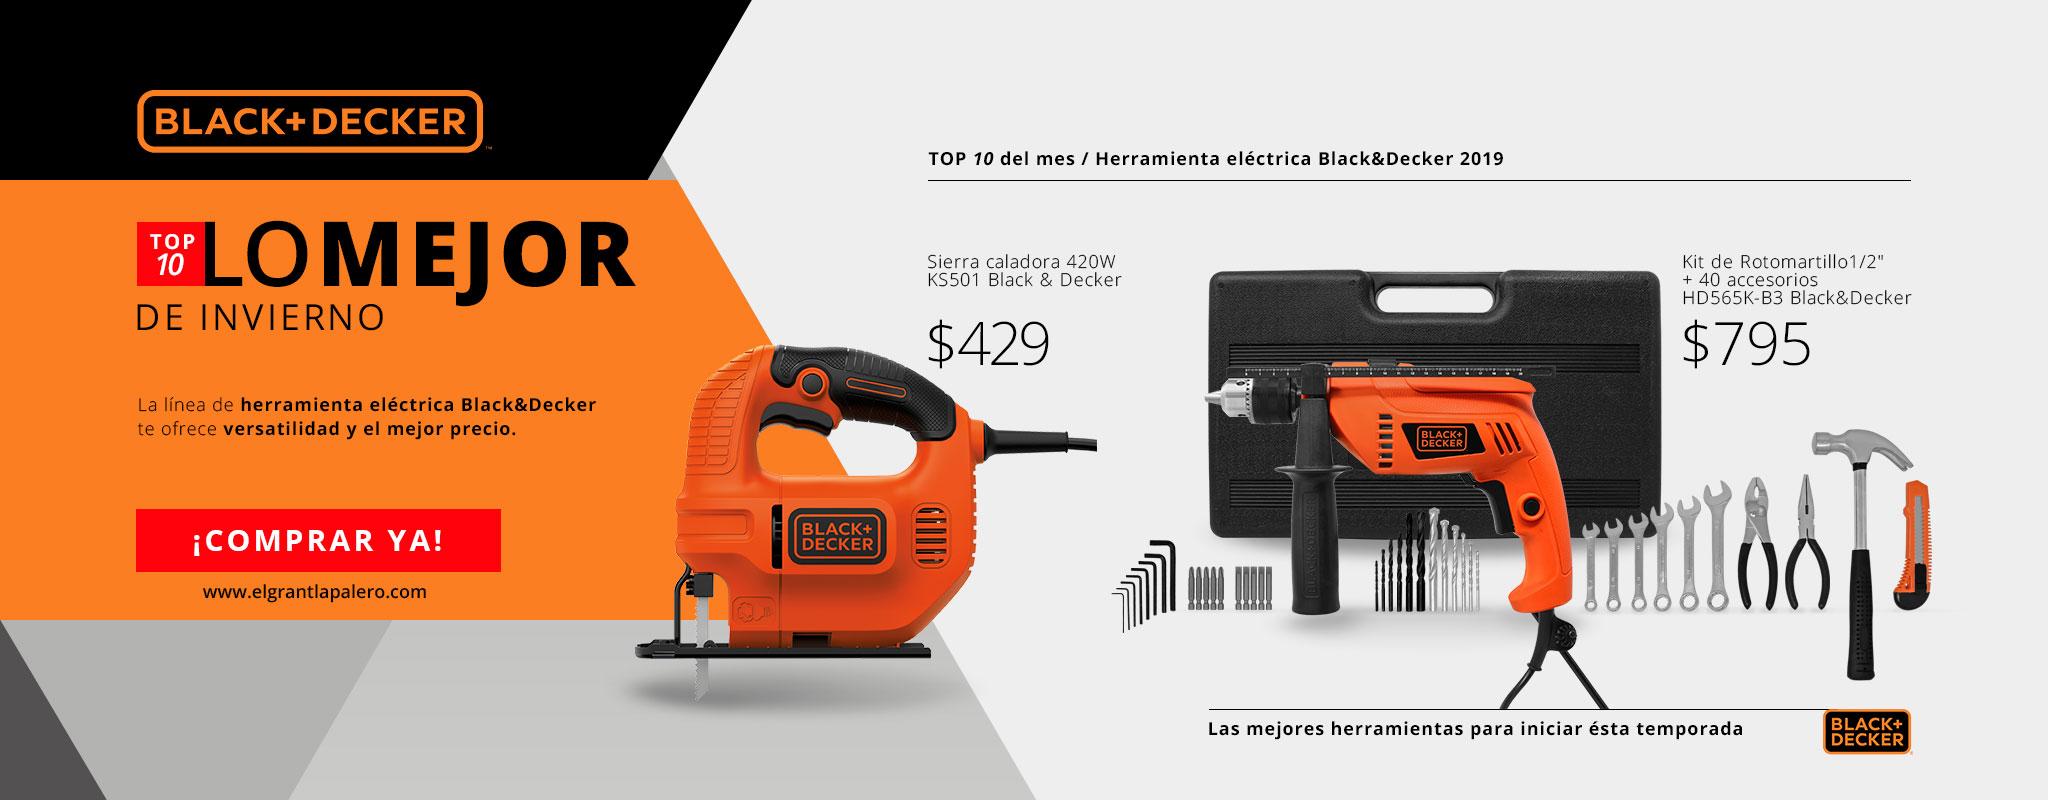 Nuestro TOP 10 en herramienta eléctrica BlackDecker!